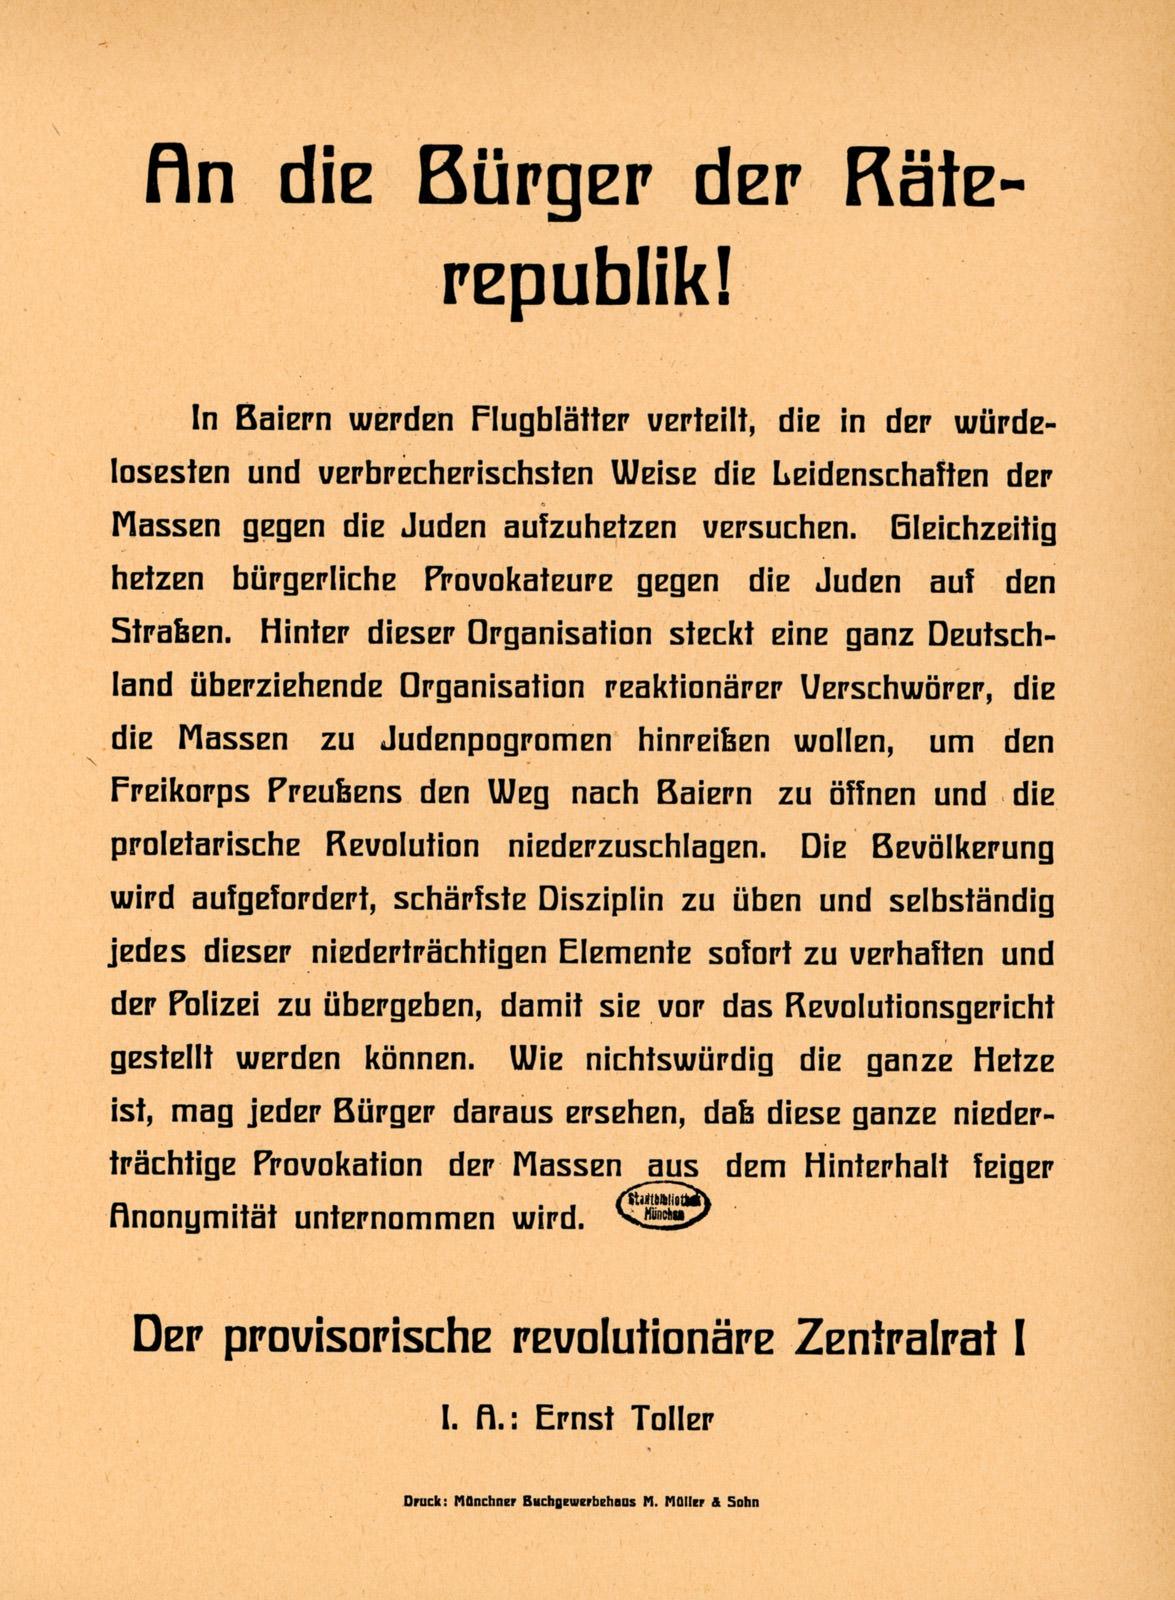 An die Bürger der Rärerepublik